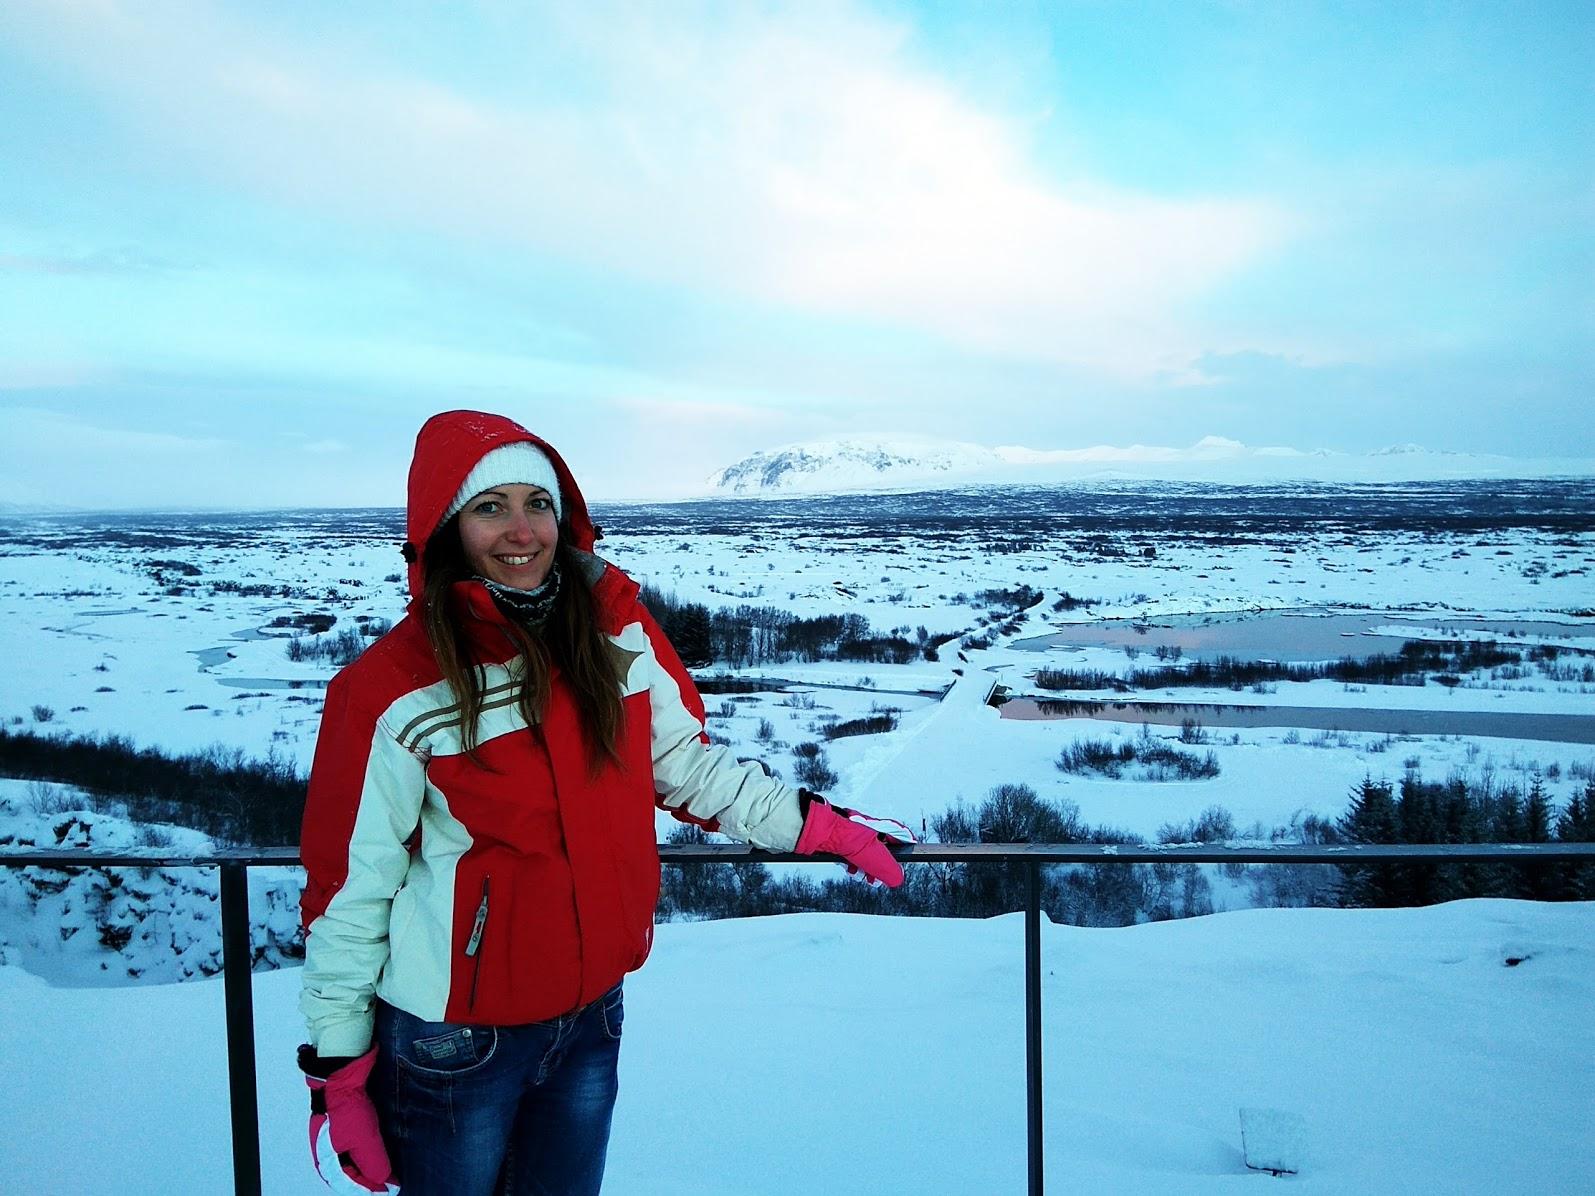 Путешествие в Исландию: 7 дней за 150 евро с перелетом. Часть 2 Путешествие в Исландию: 7 дней за 150 евро с перелетом. Часть 2 7 5